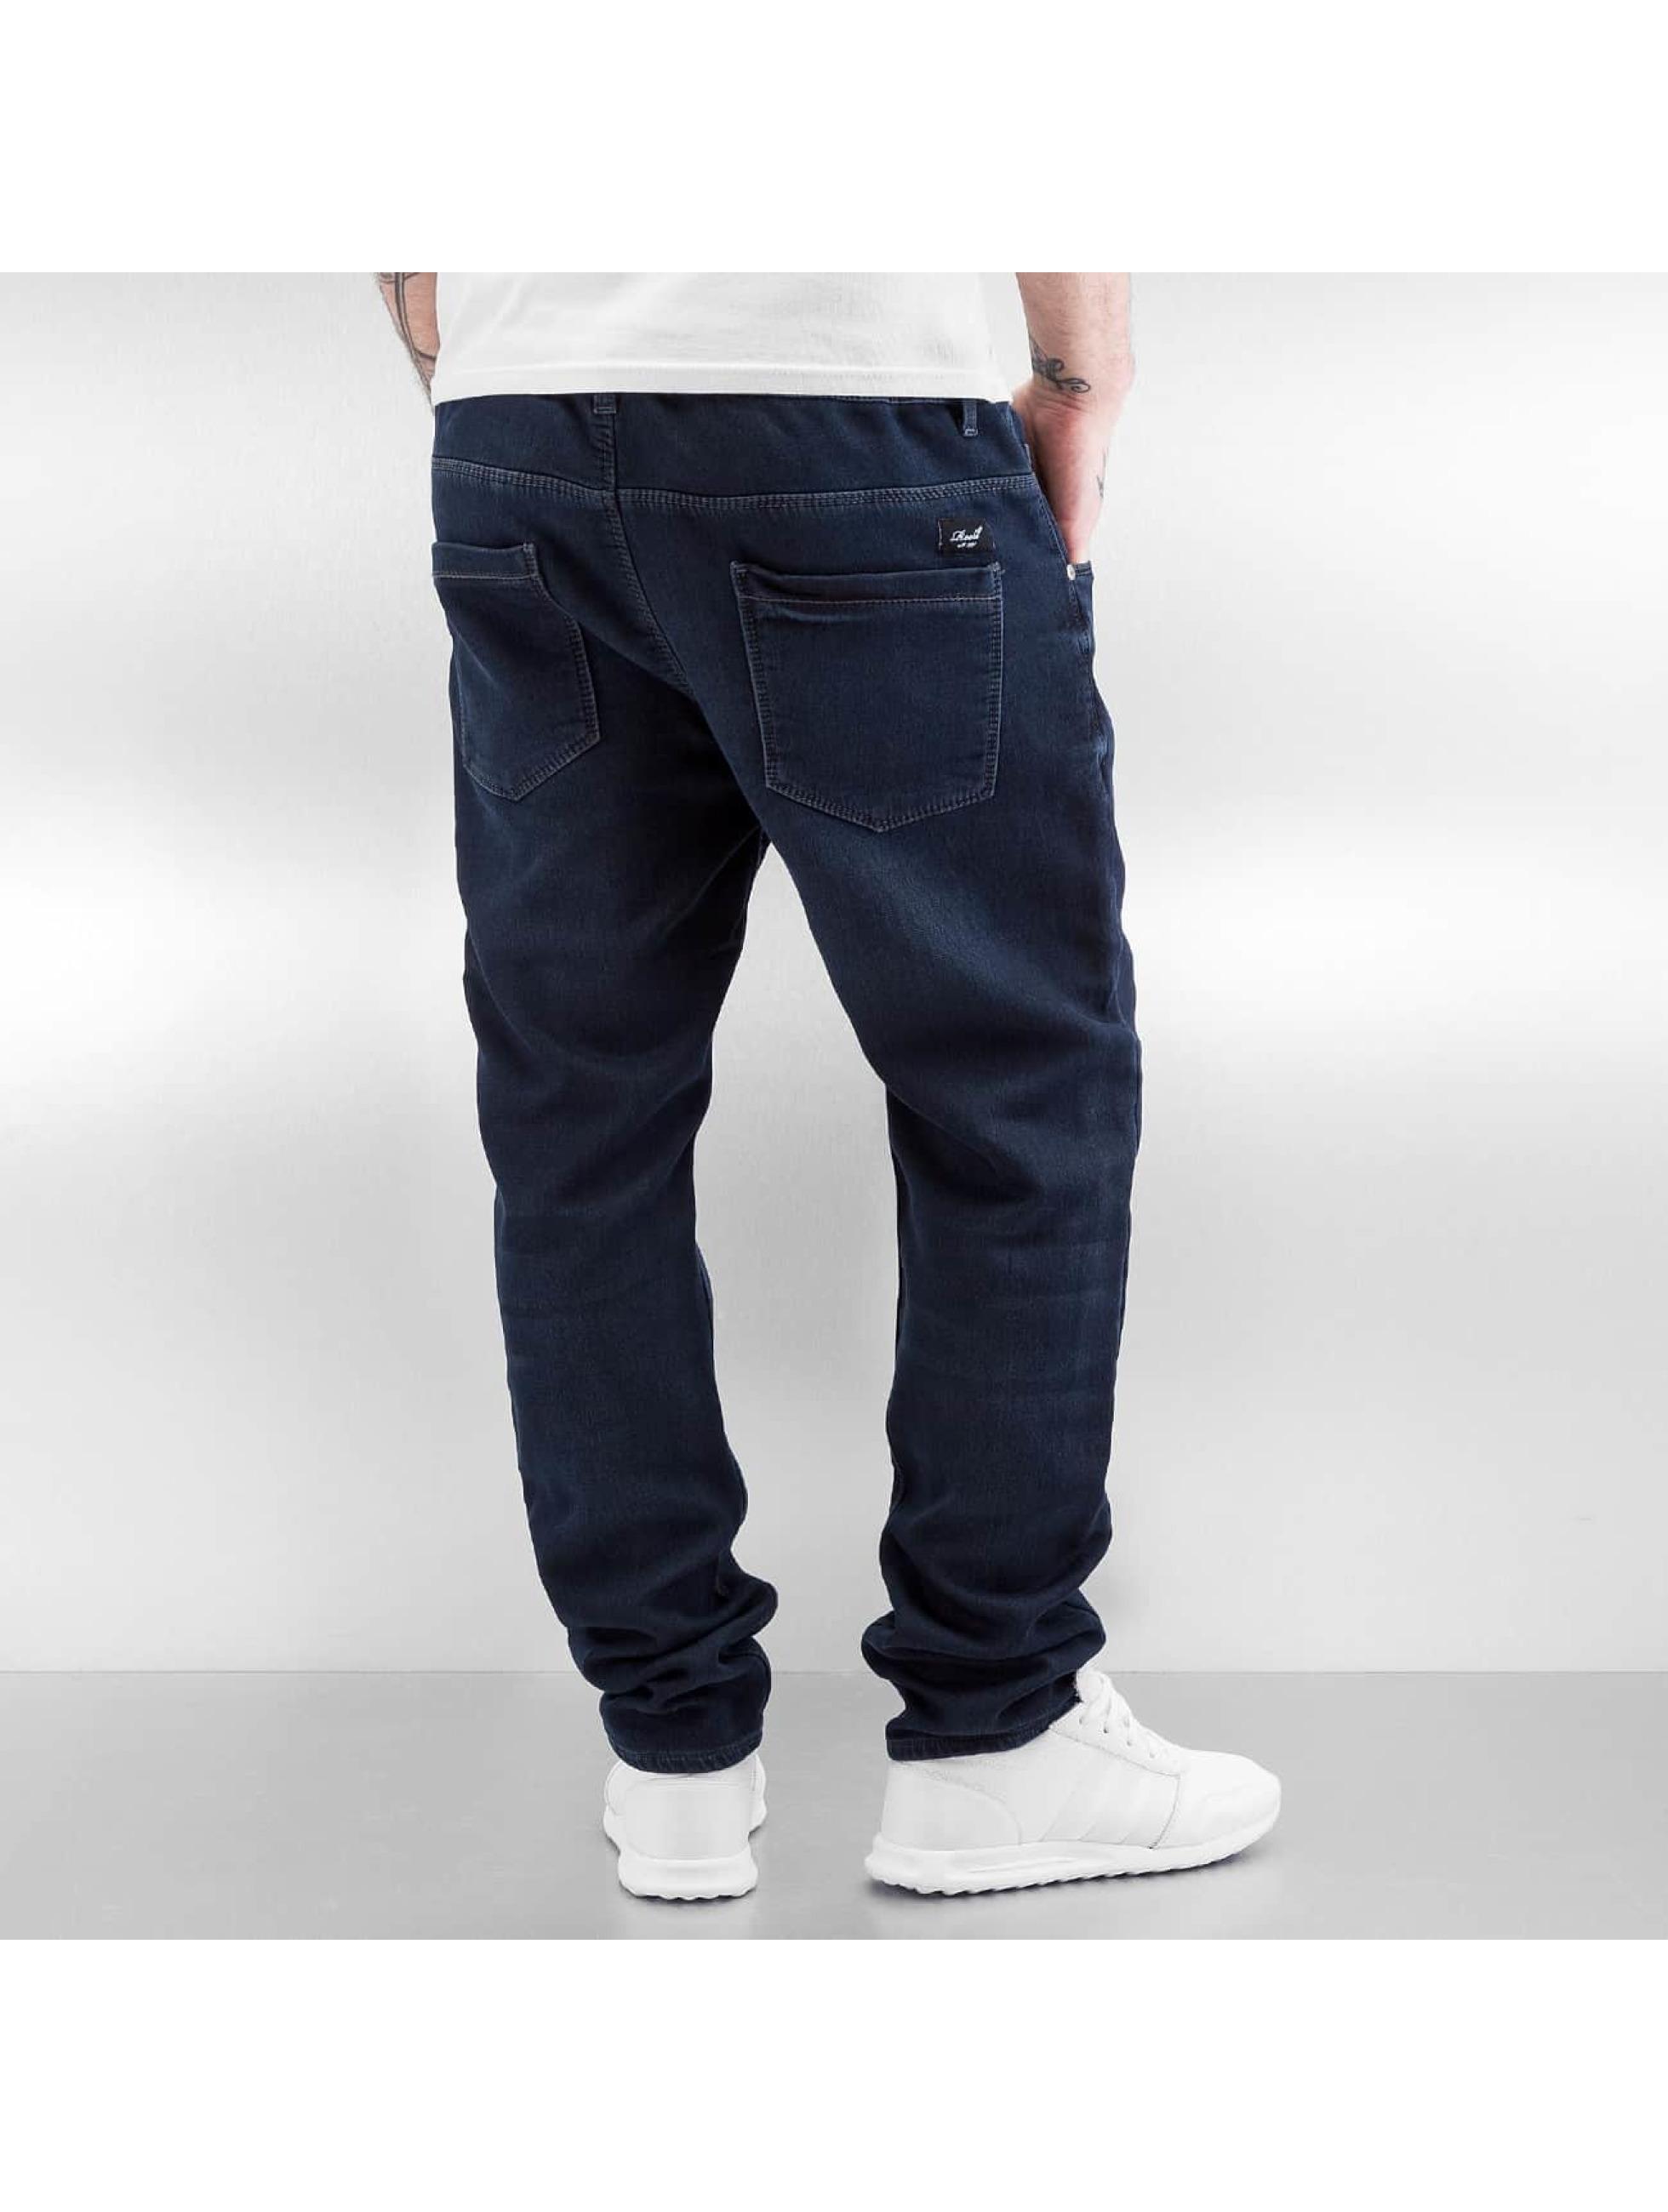 Reell Jeans Спортивные брюки Jogger синий